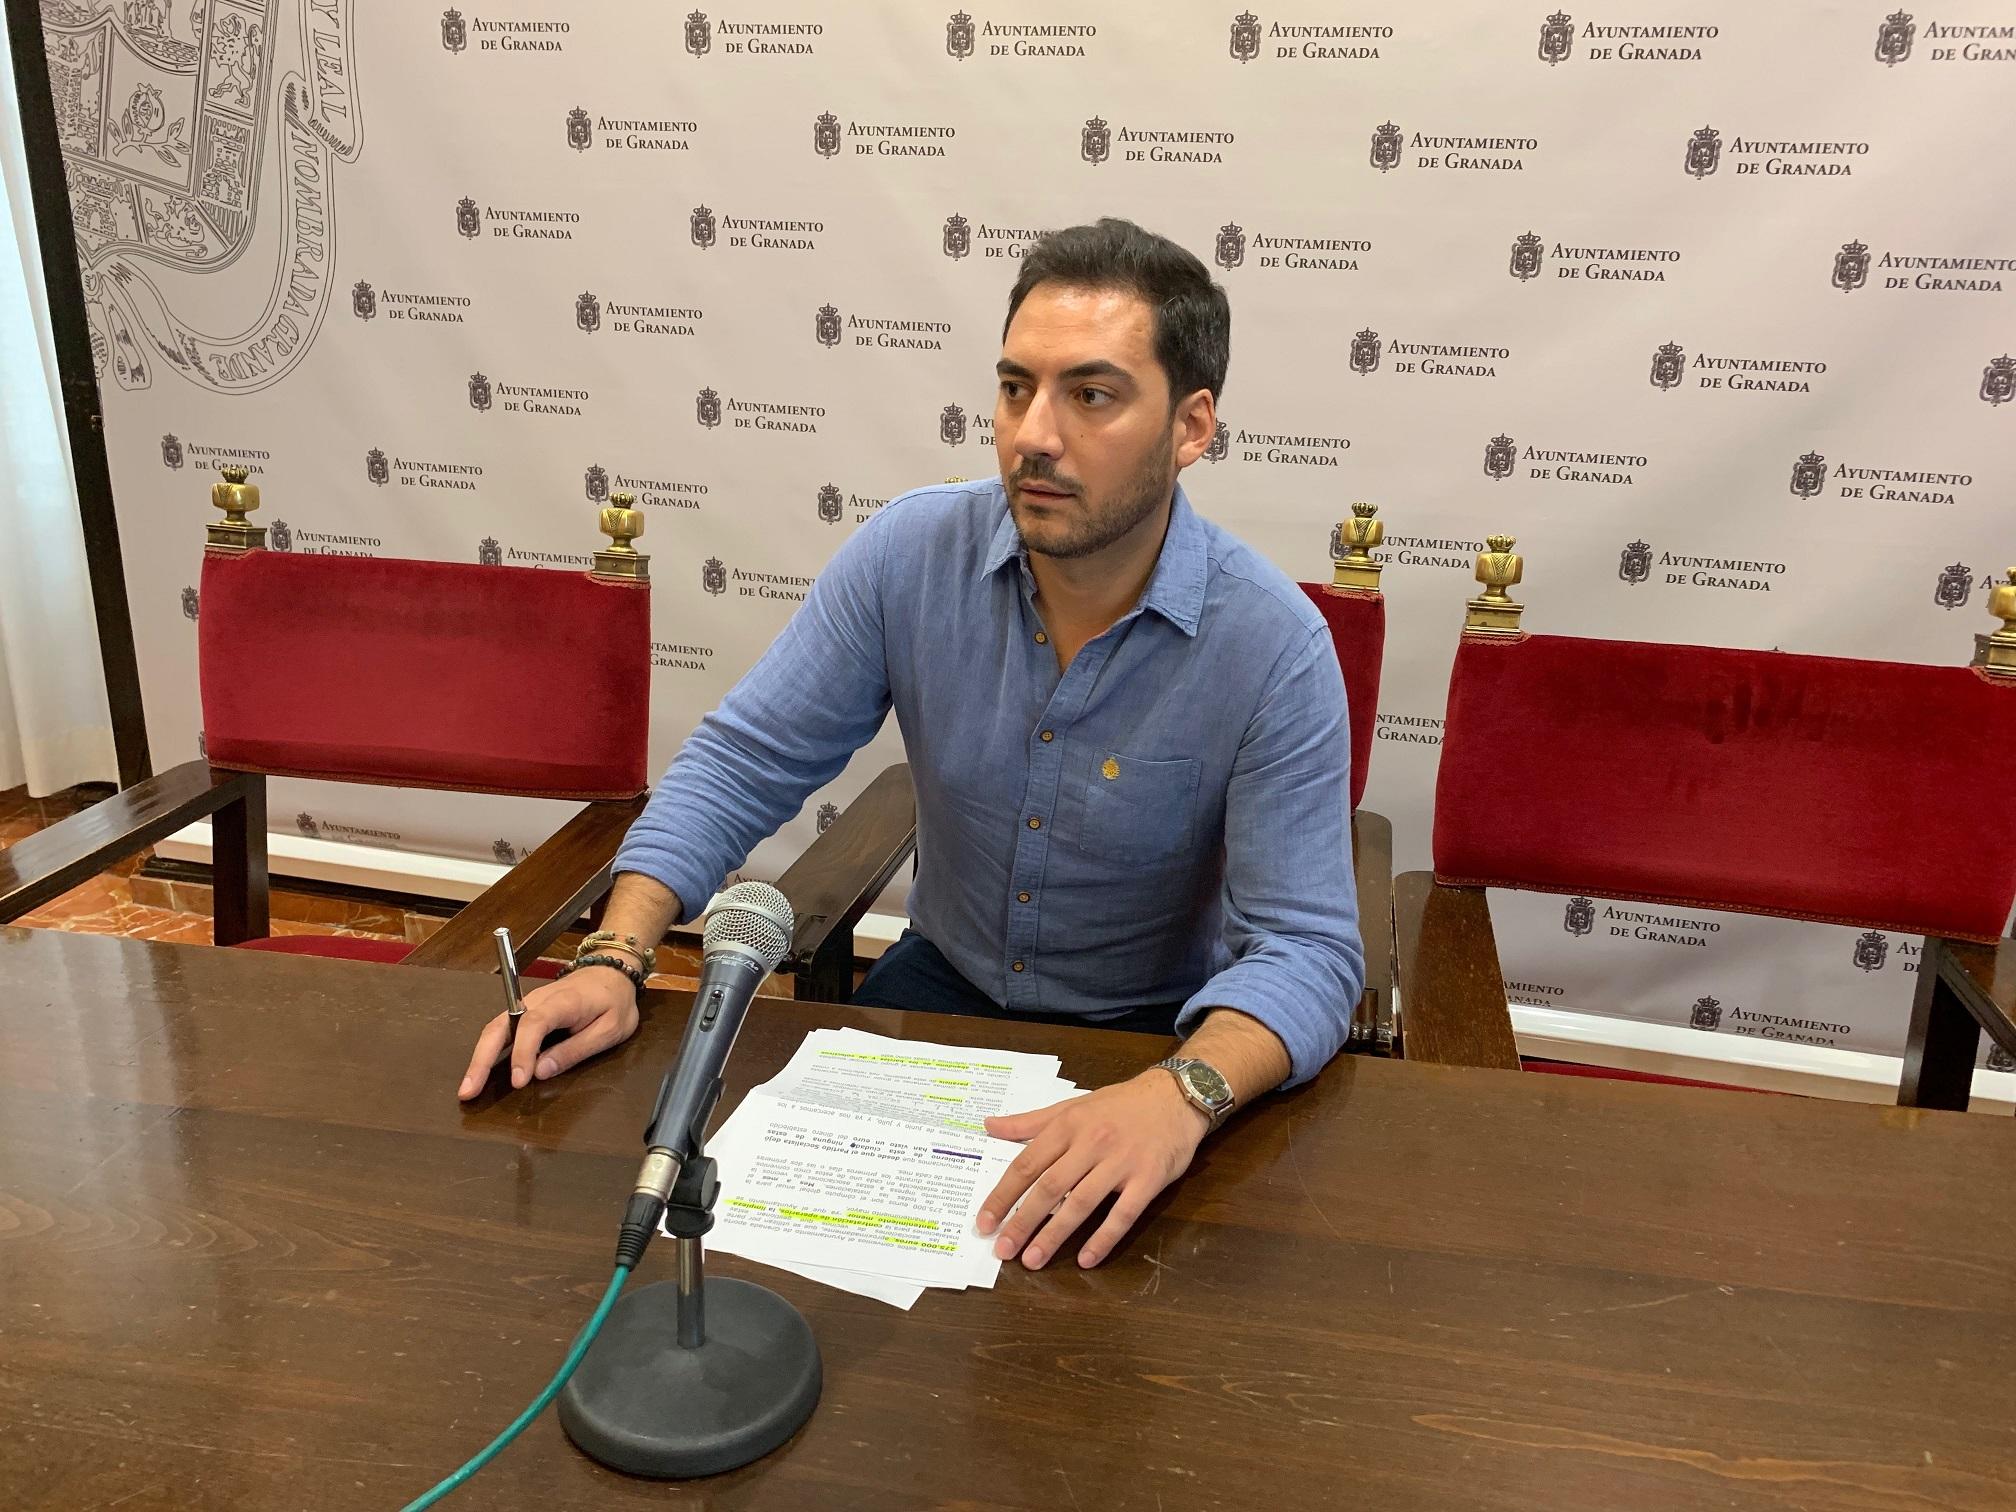 El PSOE acusa al Equipo Gobierno de desmamtelar el 010 y otros servicios municipales aprovechando la pandemia